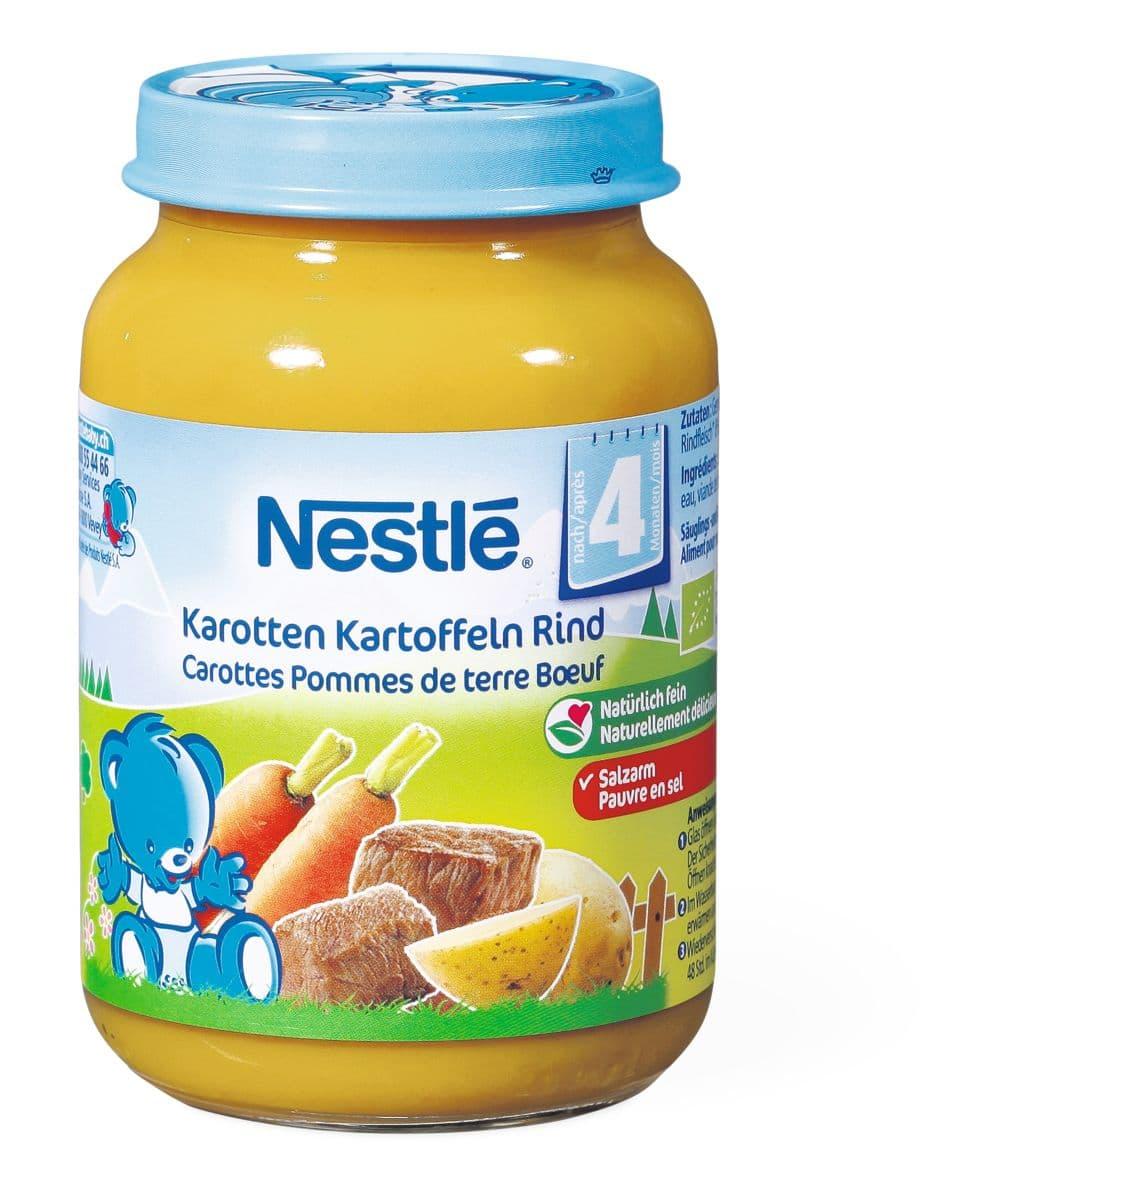 Bio Nestlé Karotten-Kartoffeln-Rindfleisch